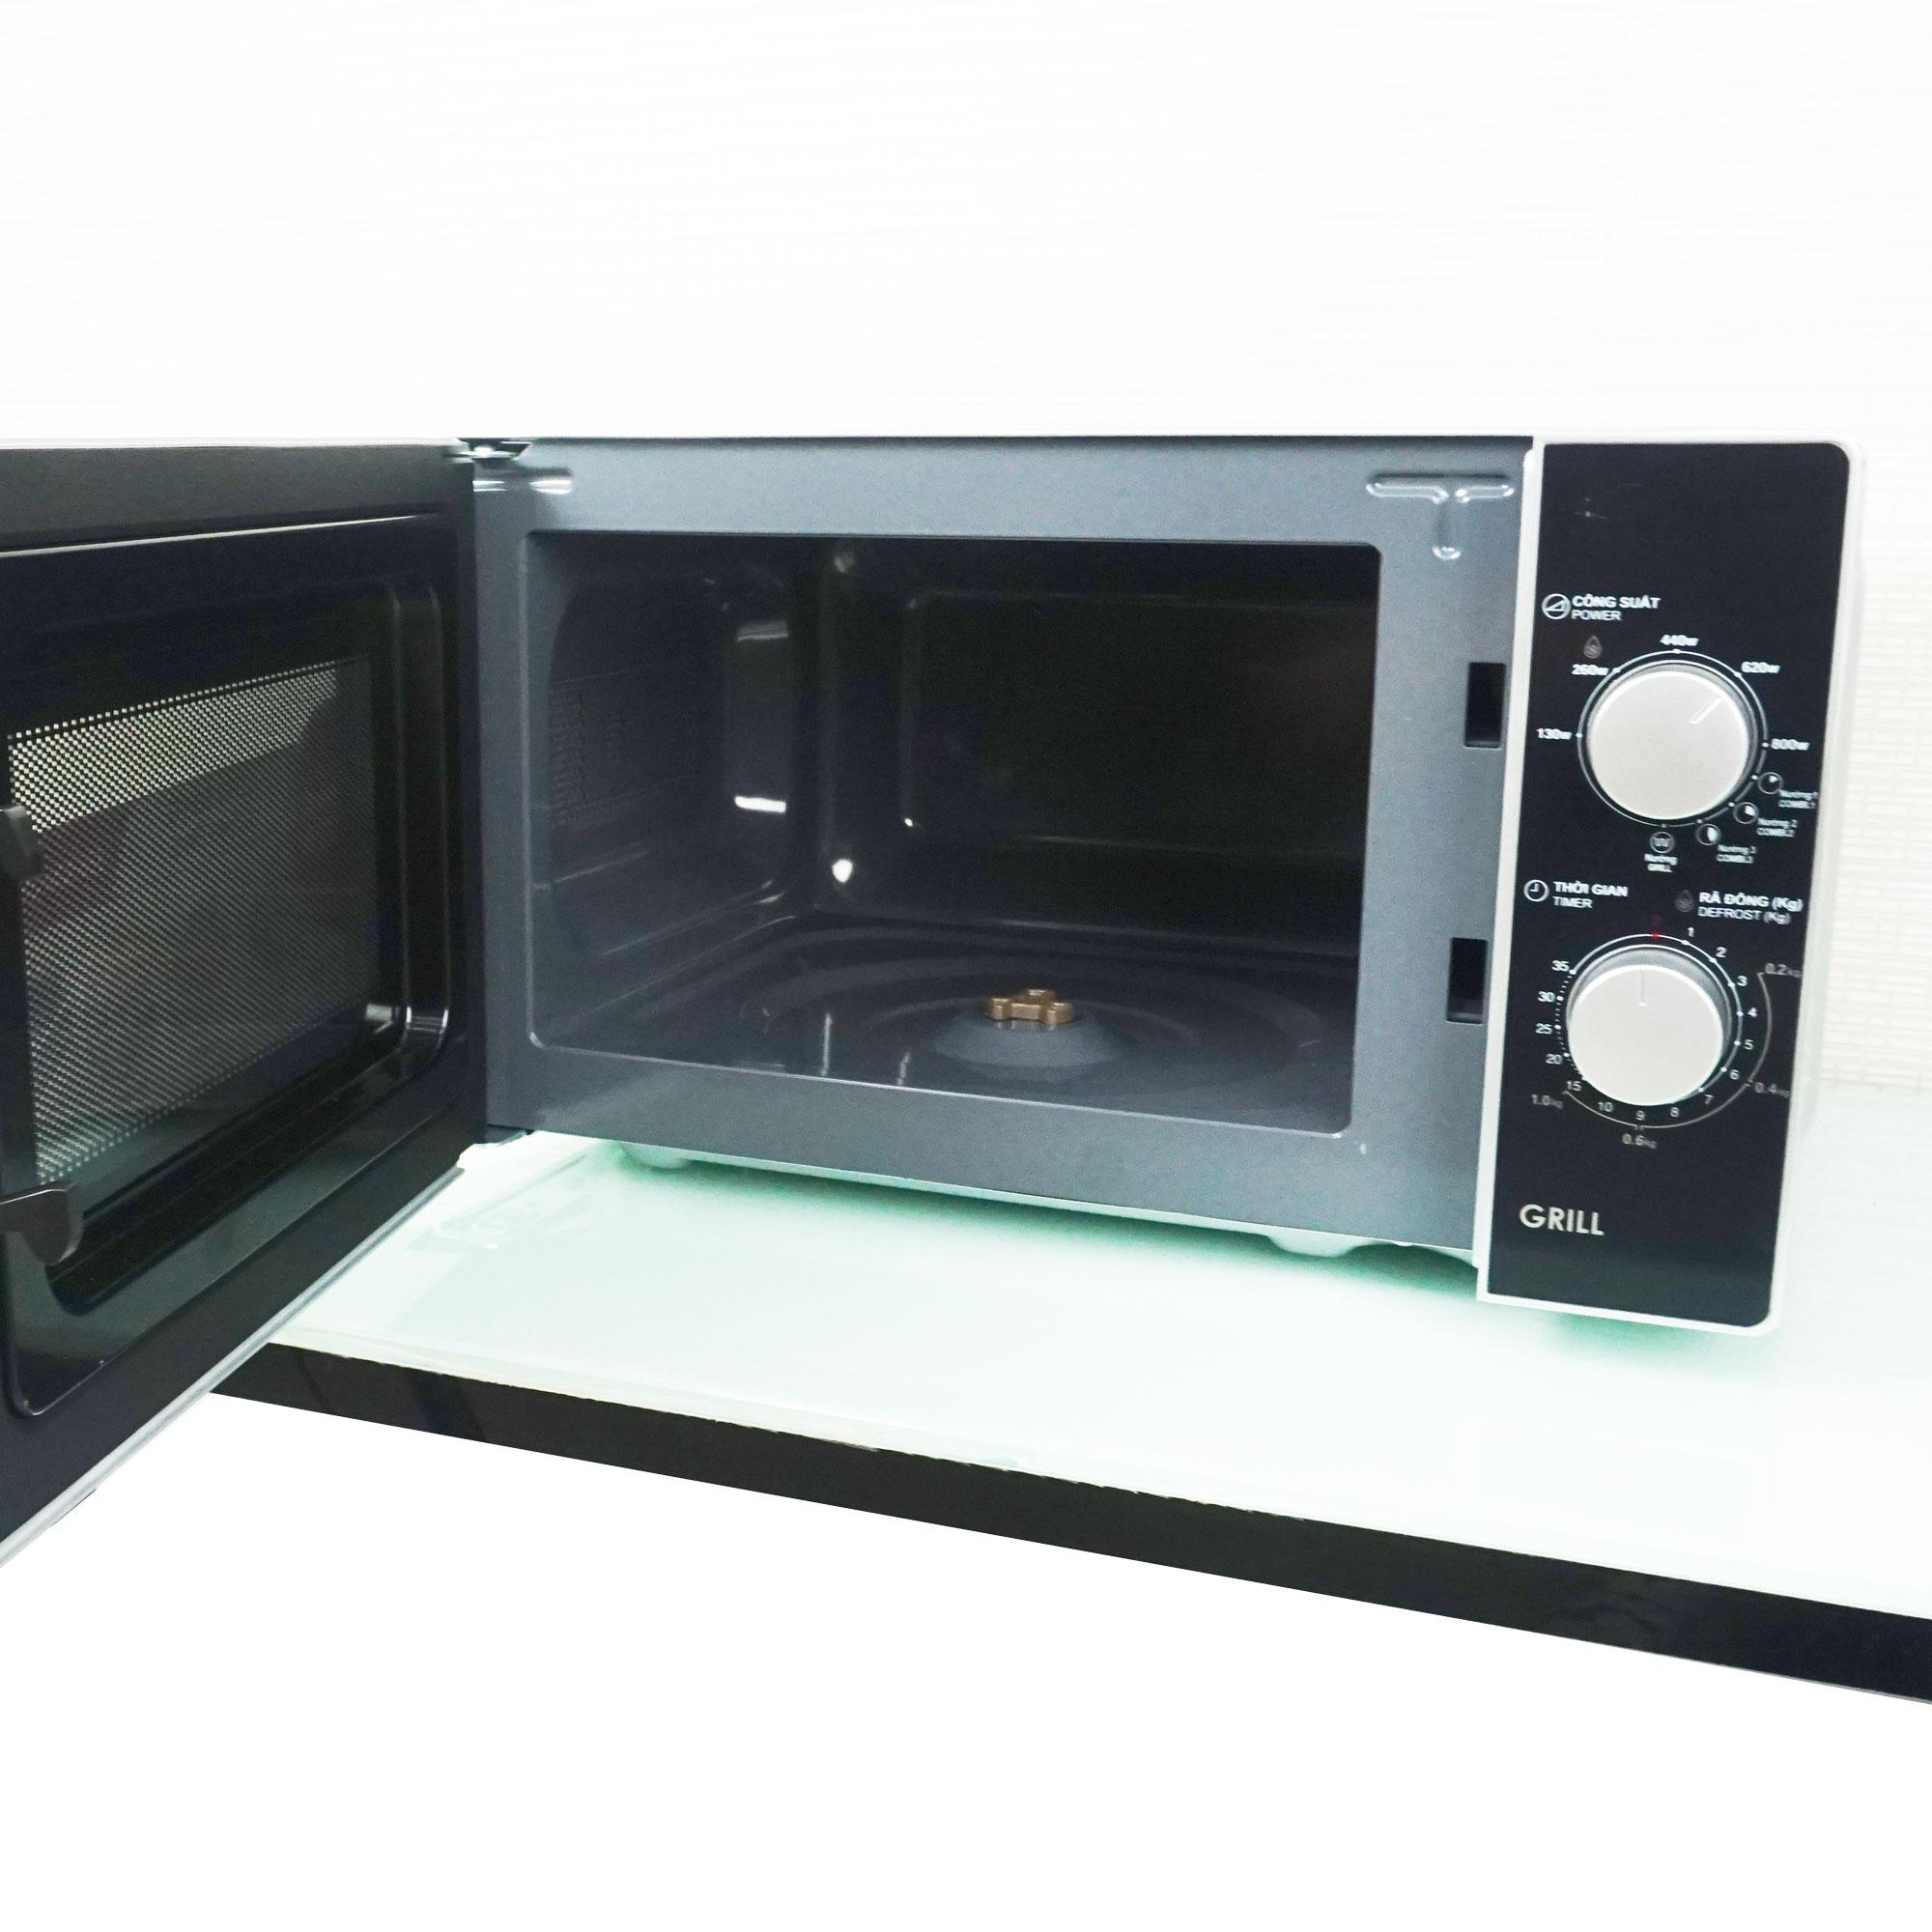 Lò vi sóng có nướng Sharp 20 lít R-G224VN-S